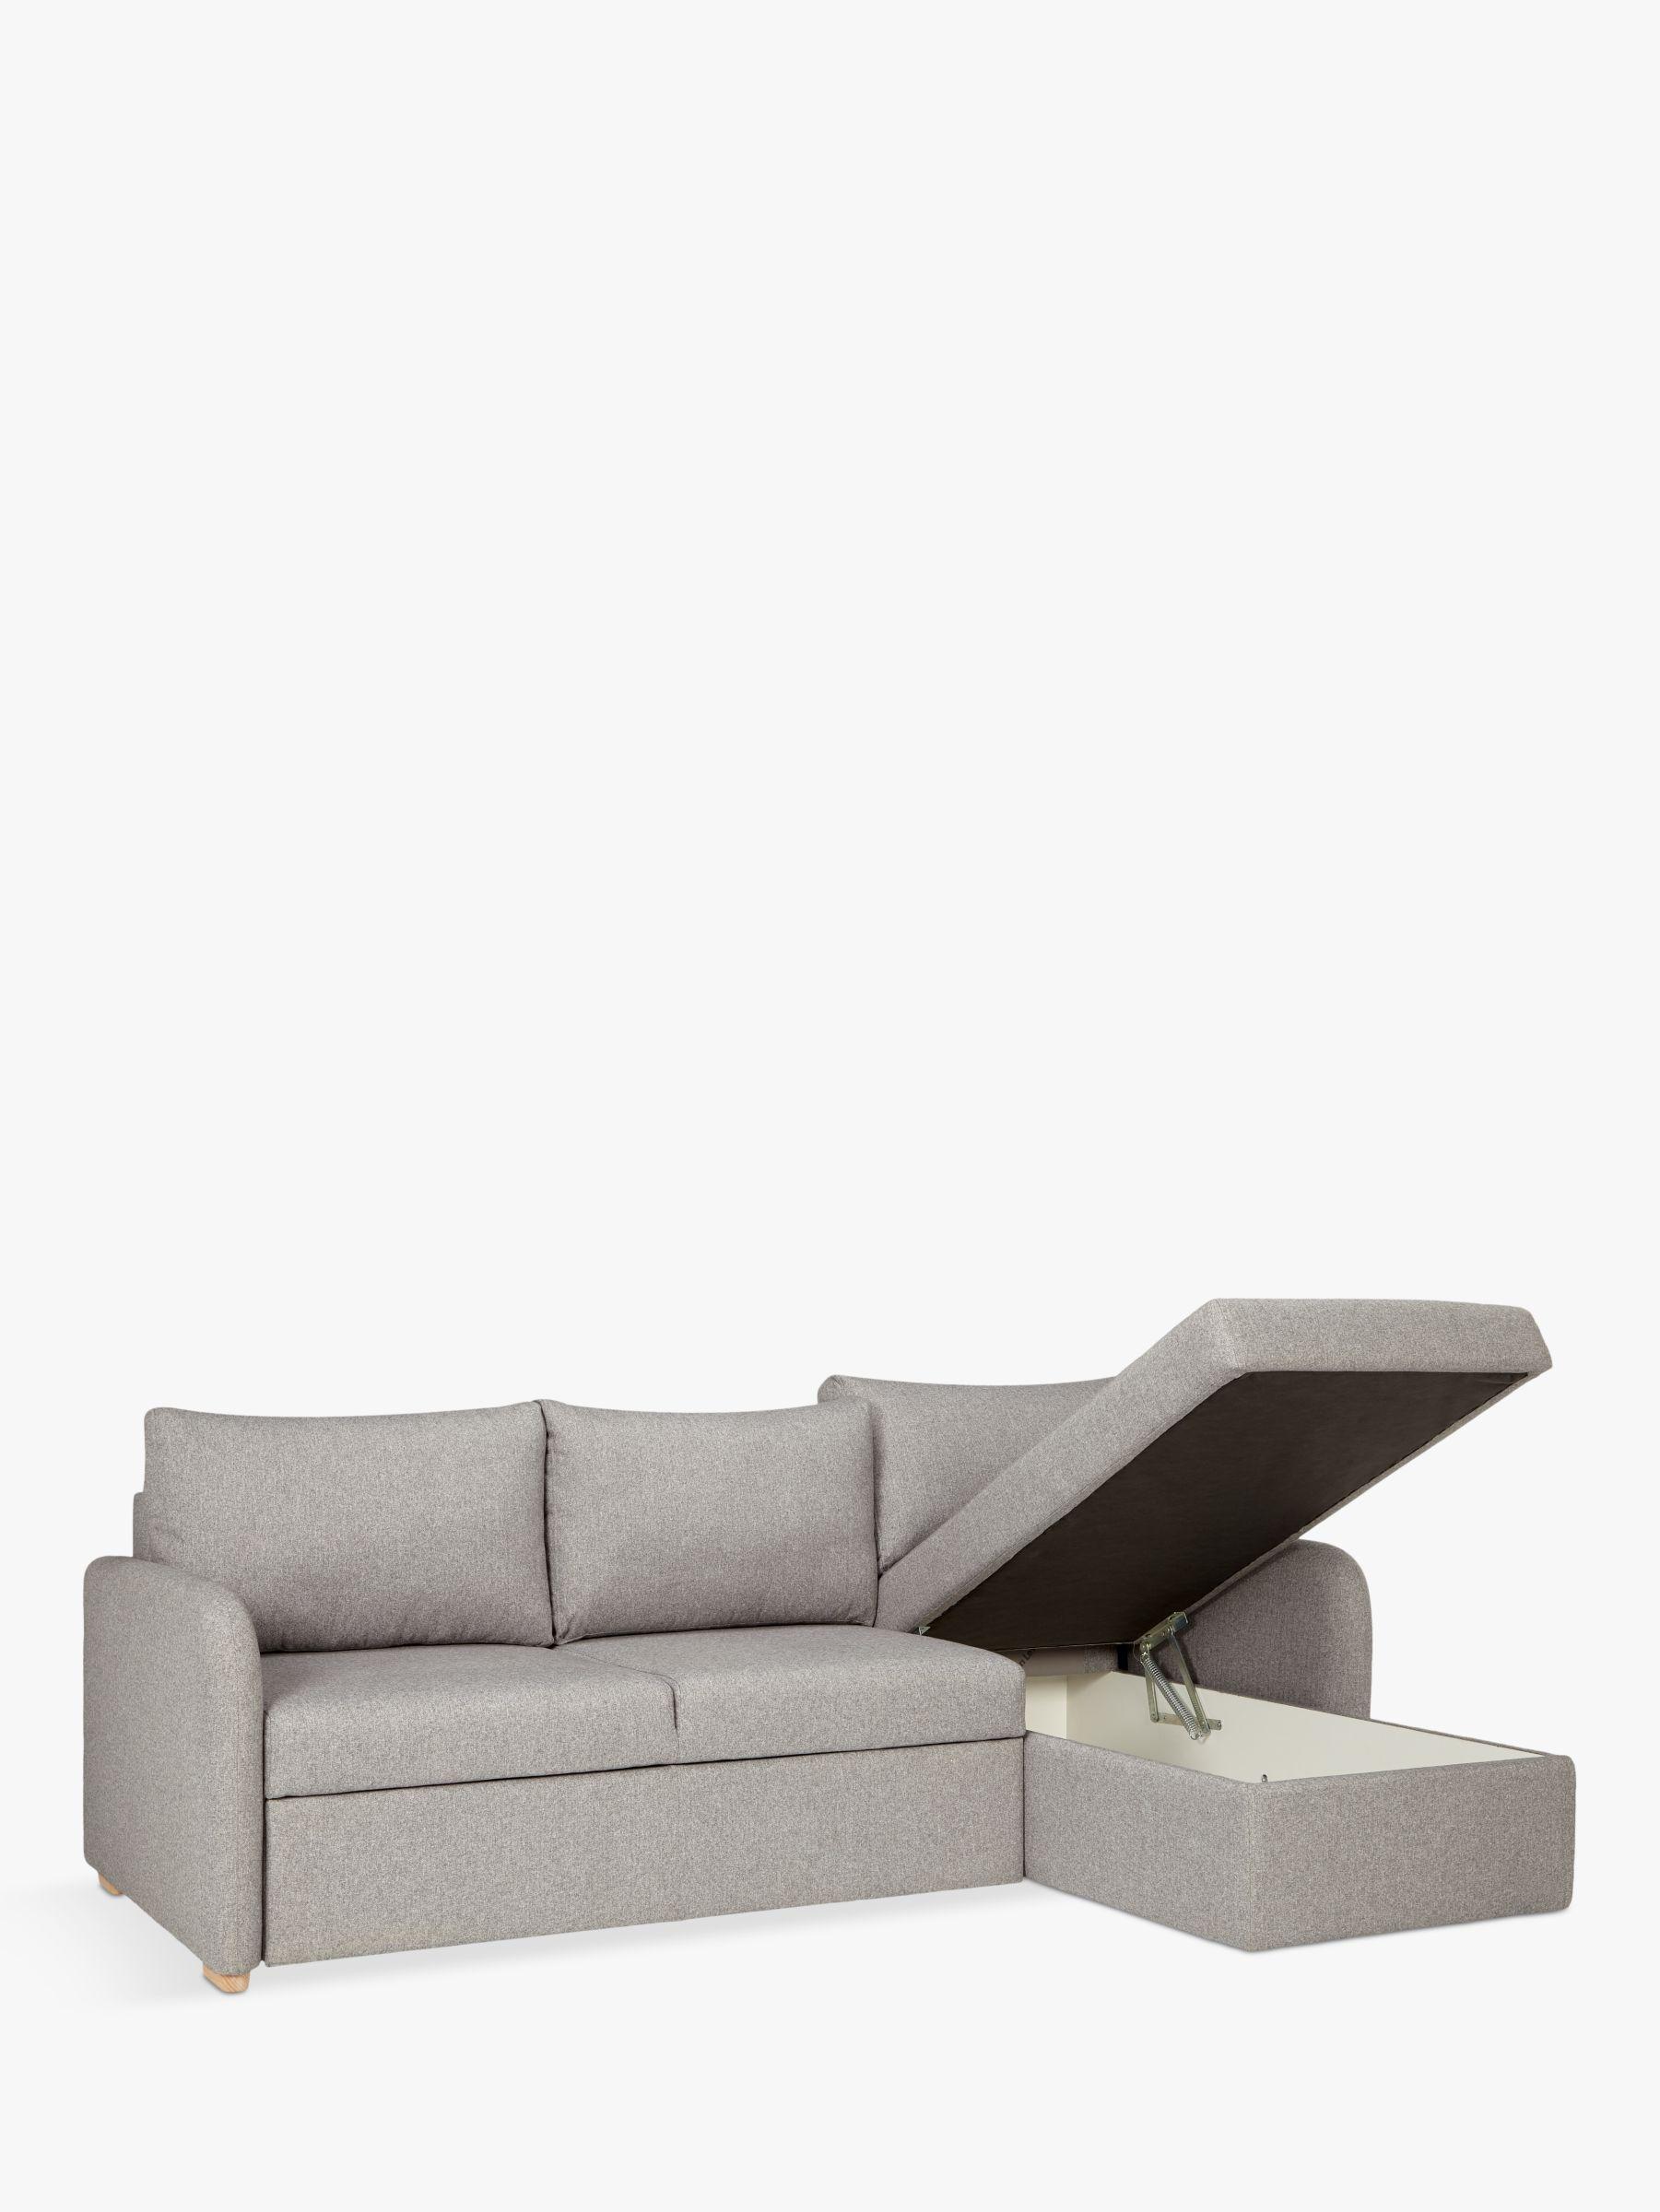 John Lewis Partners Sansa Narrow Arm Sofa Bed Sofa Bed Sofa Outdoor Sofa